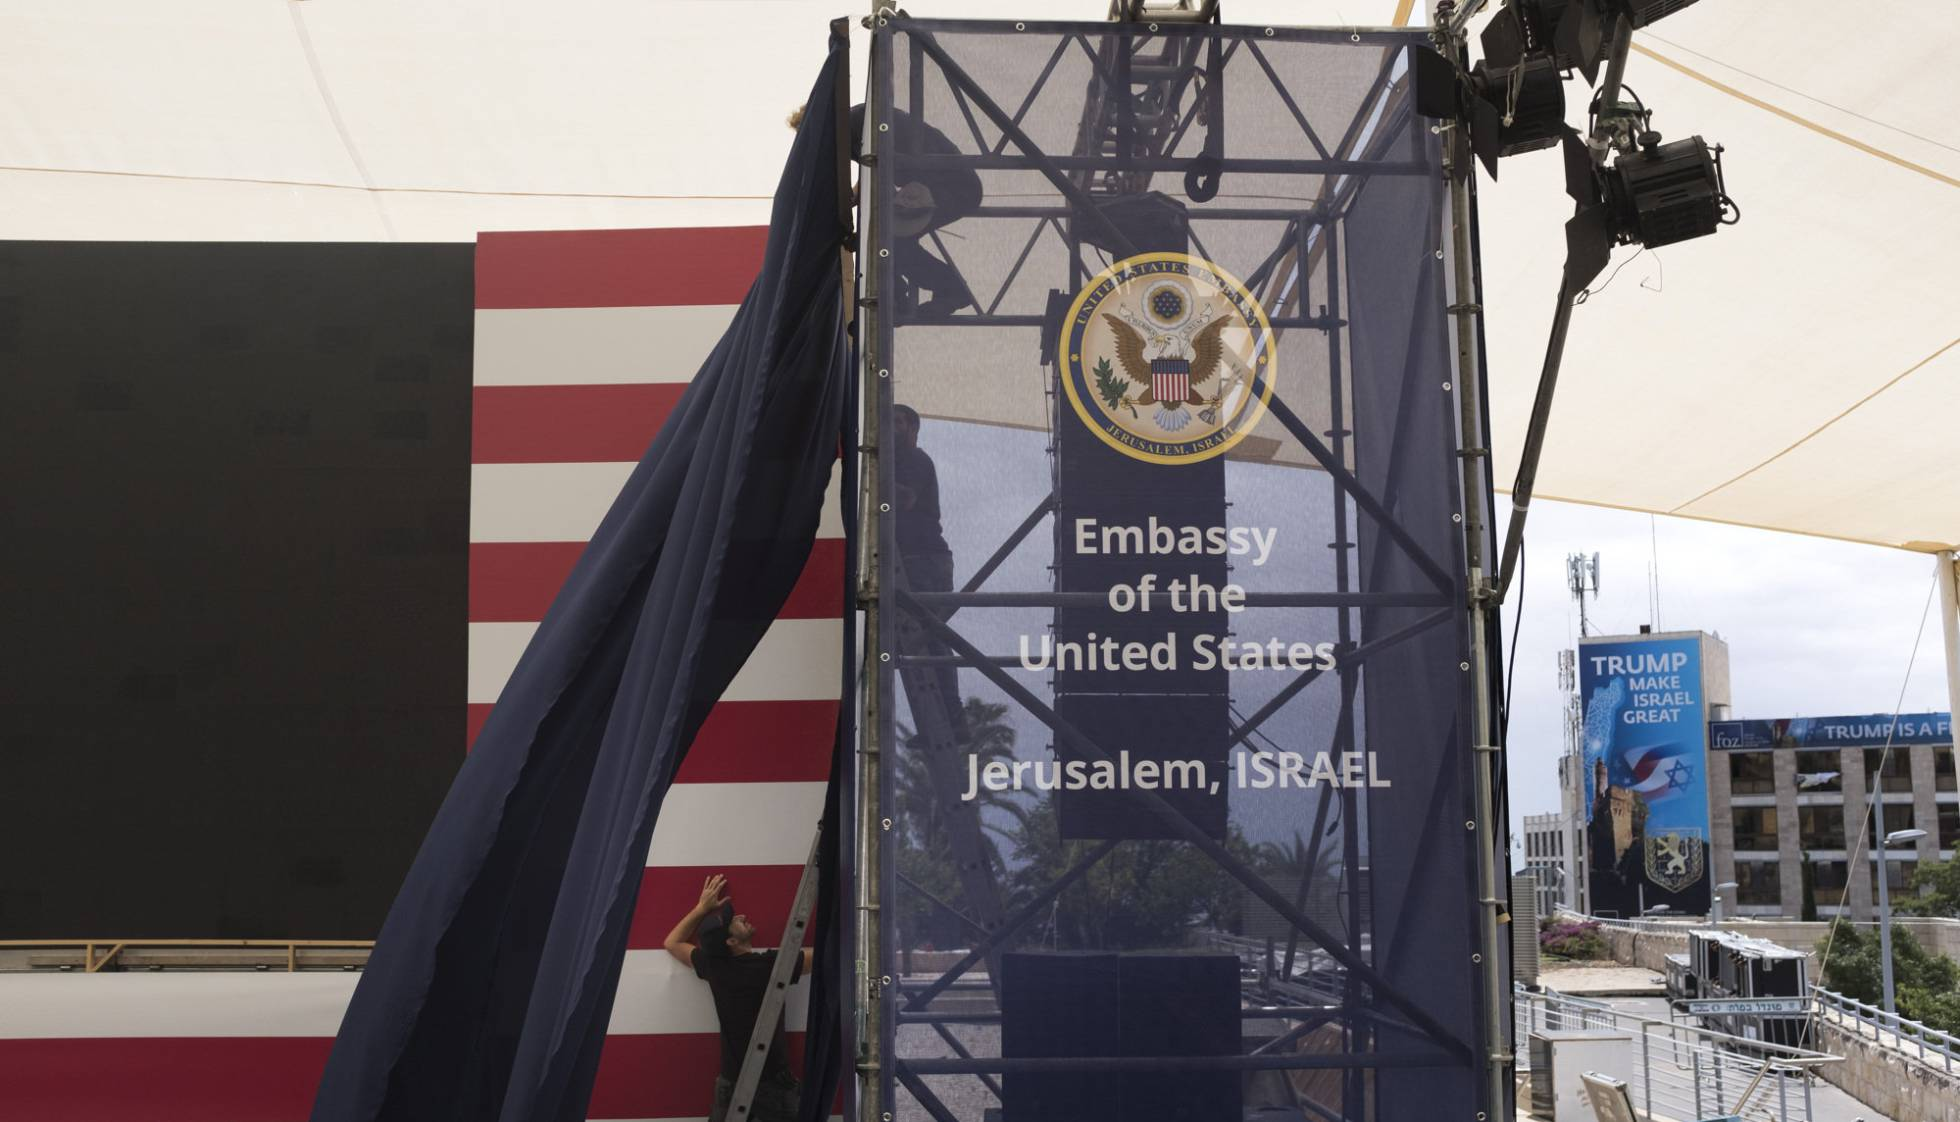 La tensión crece en Jerusalén ante la apertura oficial de la Embajada de EE UU